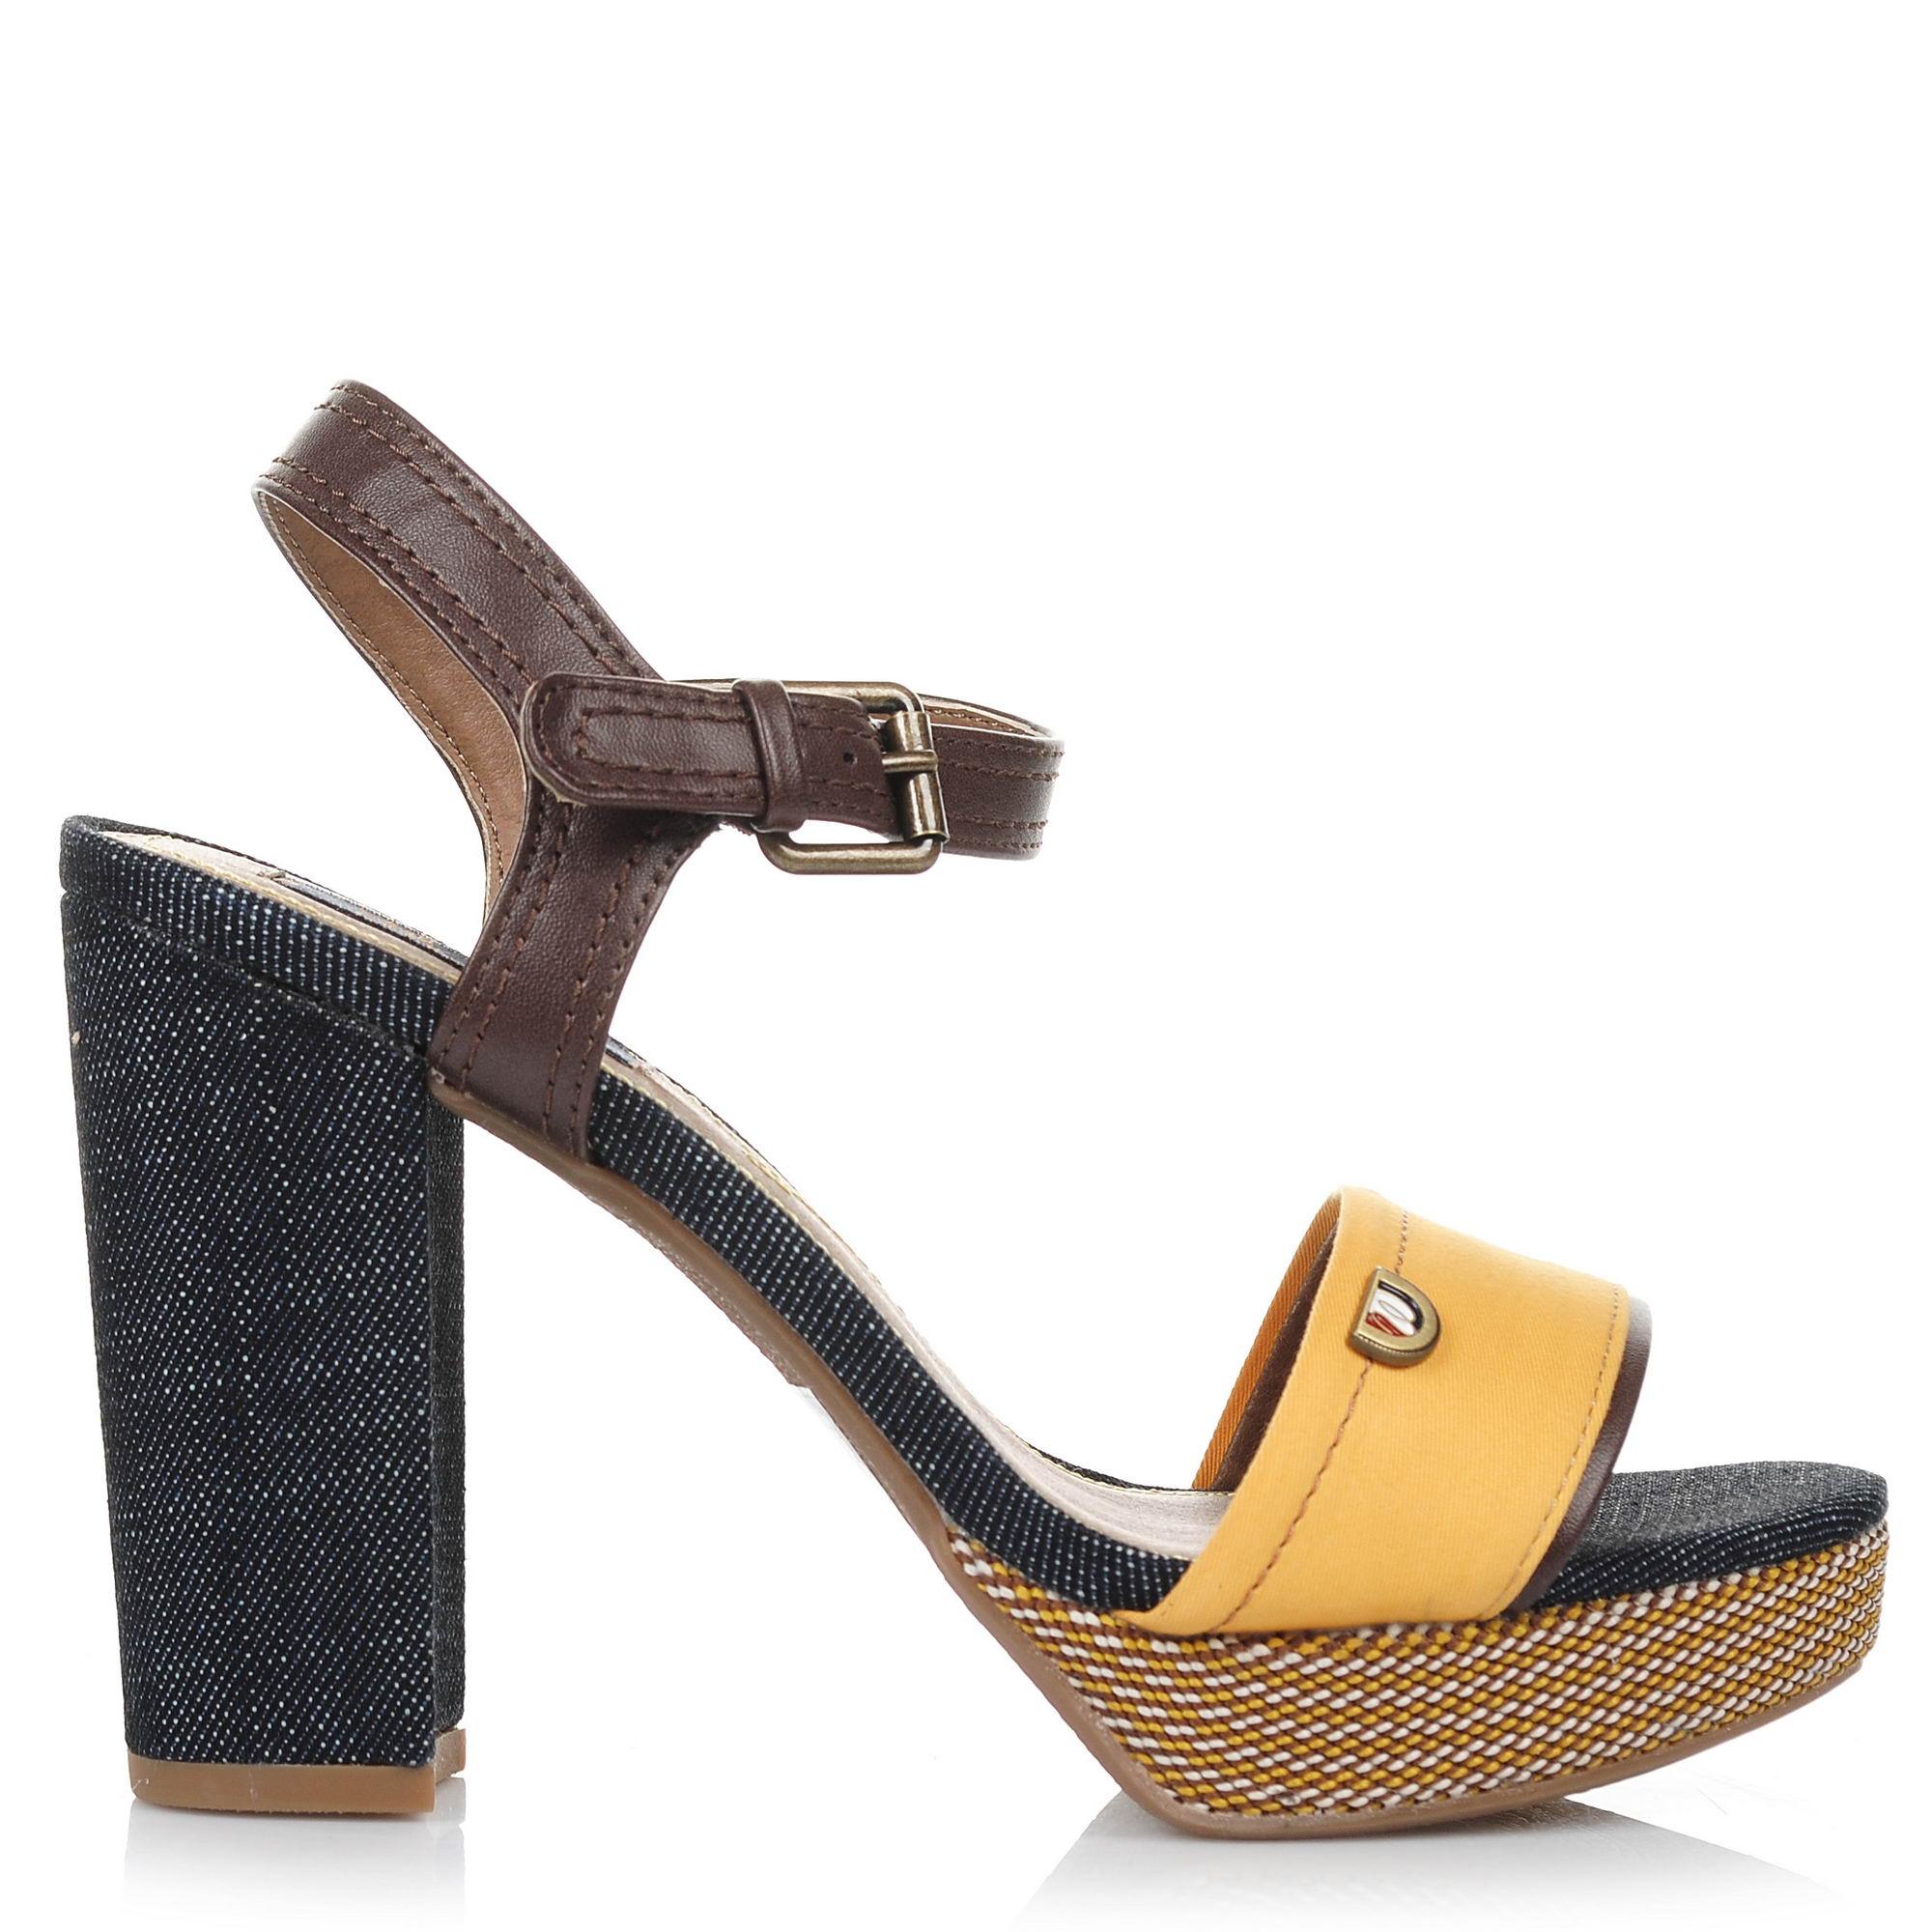 Πέδιλο Wrangler Sunset Alicia WL181644 γυναικα   γυναικείο παπούτσι